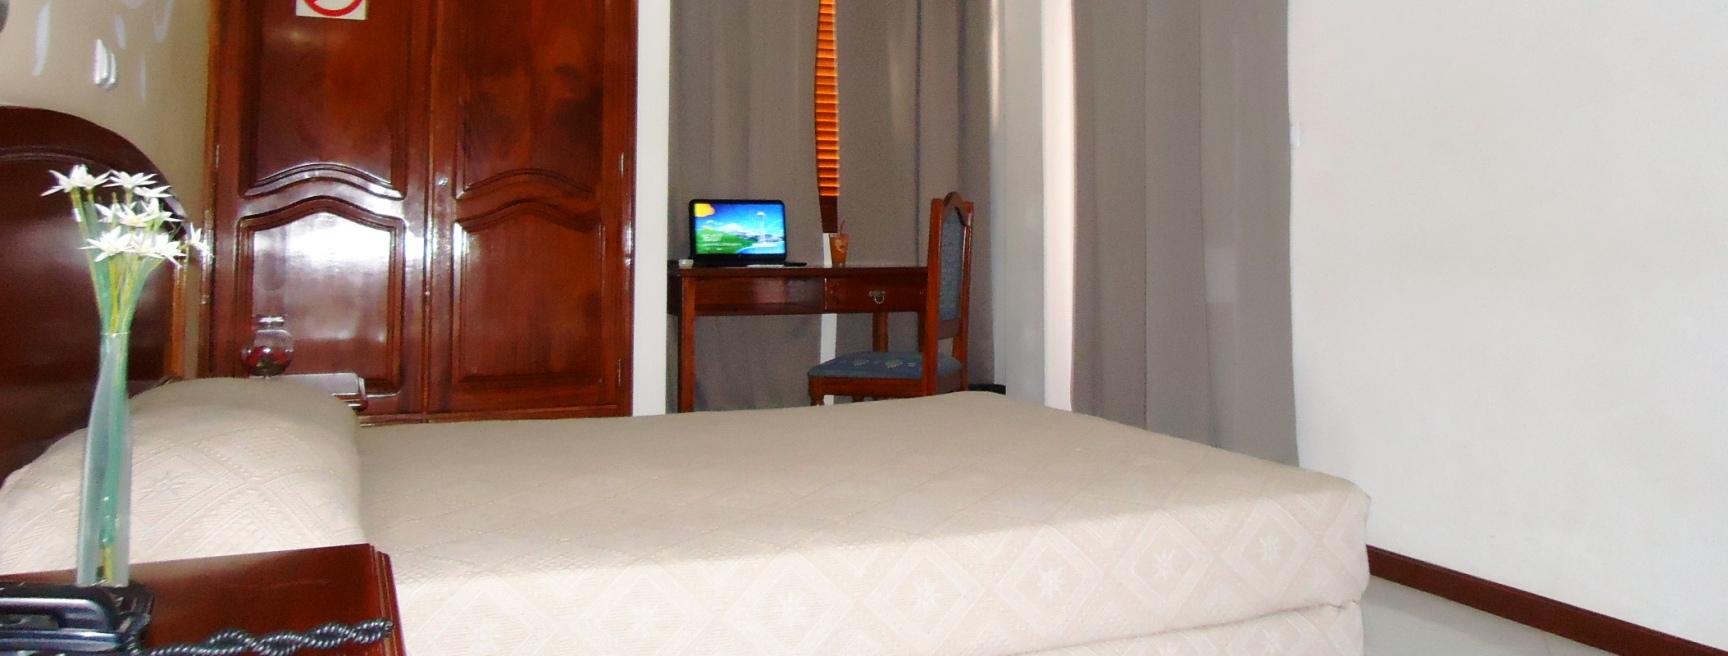 alojamento-quartos-residencial-beleza-são-vicente-mindelo-cabo-verde-1